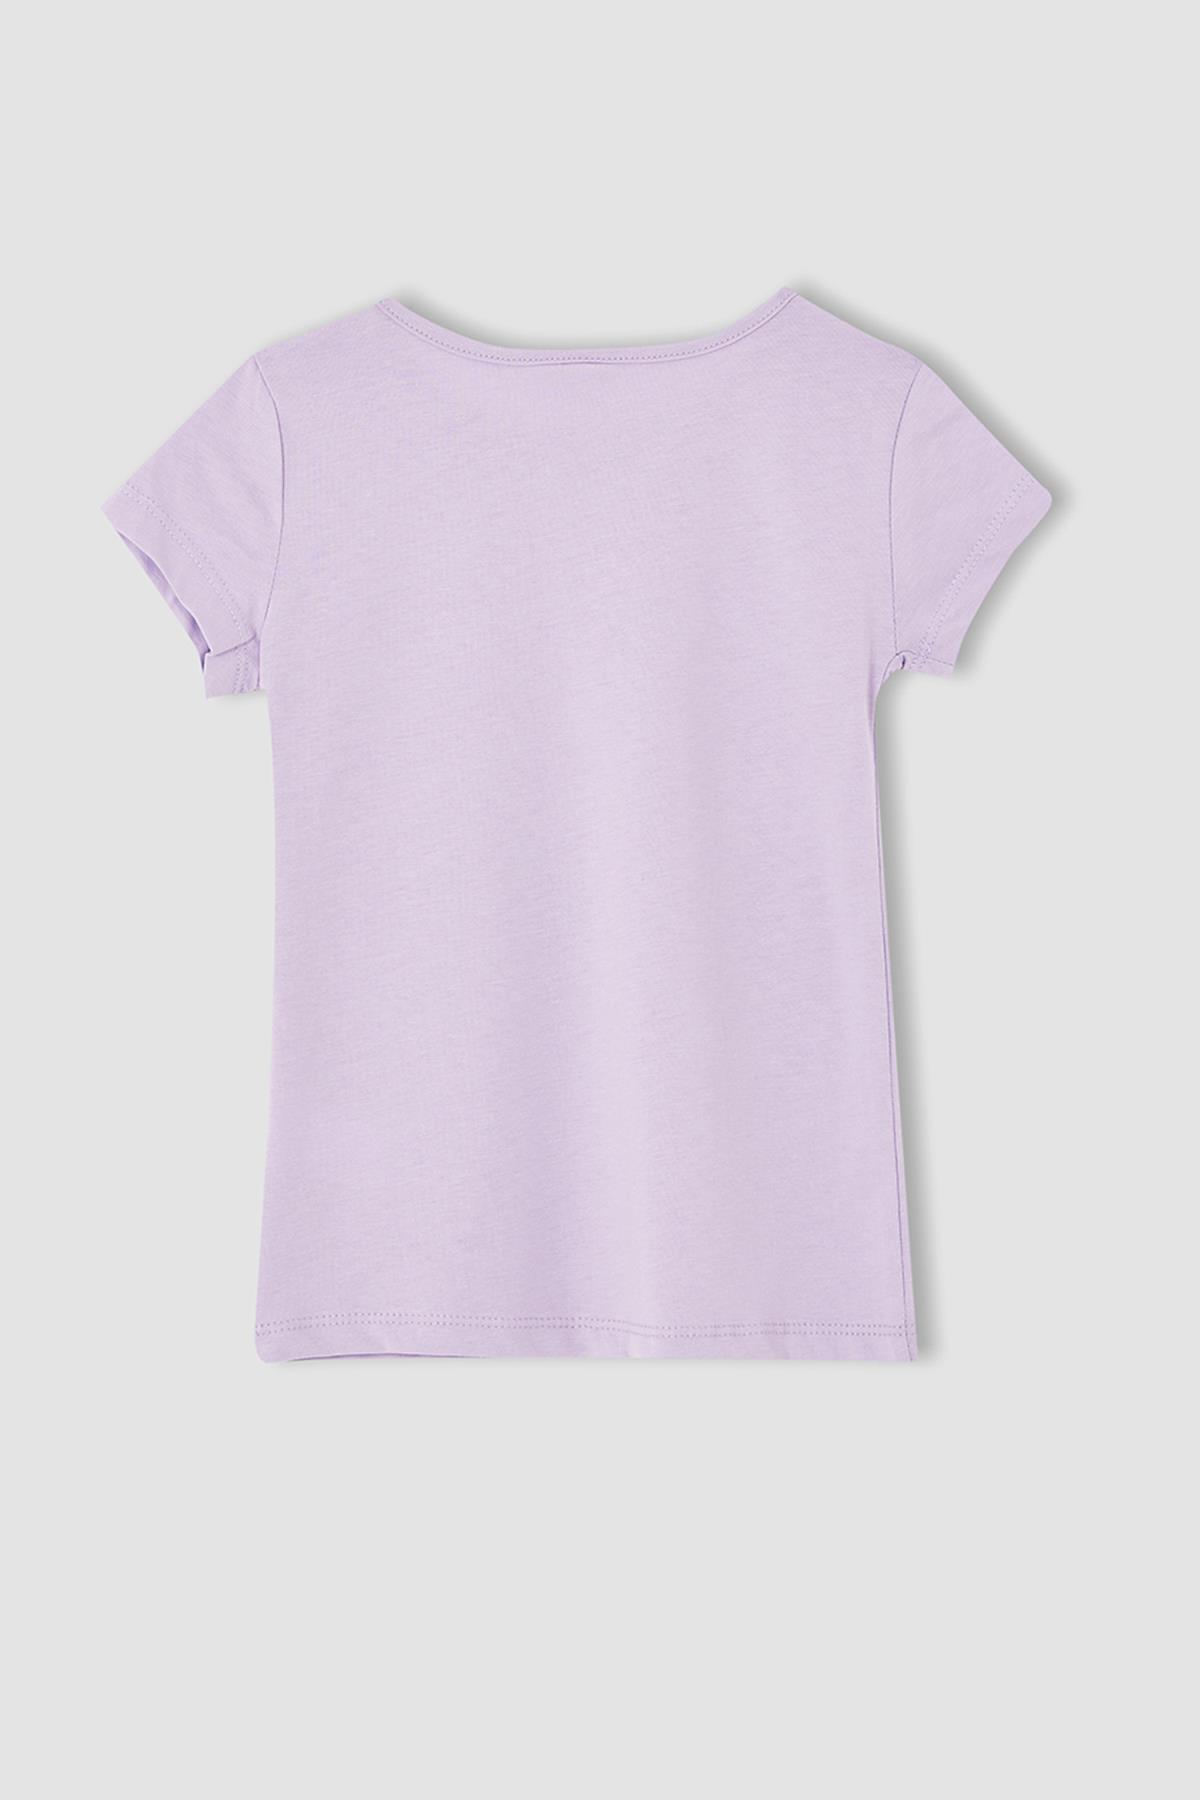 Defacto Kız Çocuk Kısa Kol Basic Tişört 2